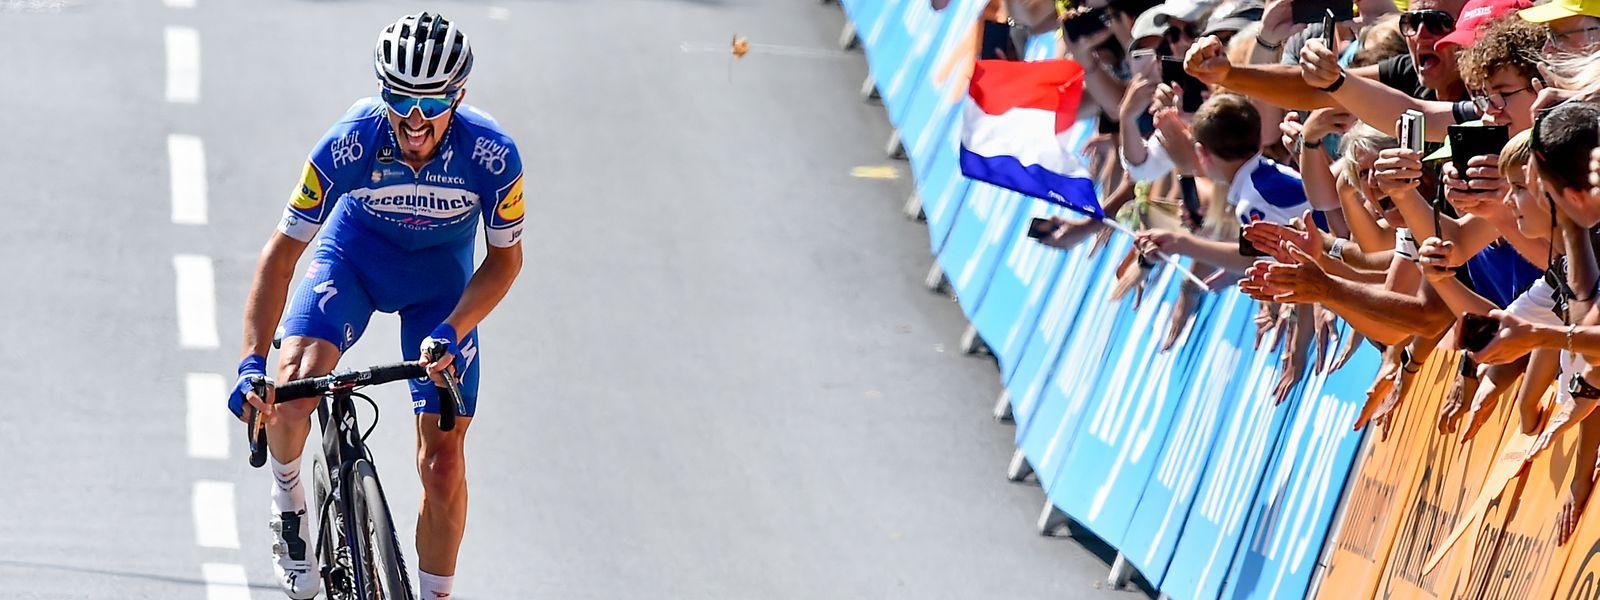 Der Führende im Gesamtklassement der Tour de France, Julian Alaphilippe (F/Deceuninck), auf dem Weg zum Etappensieg in Épernay.